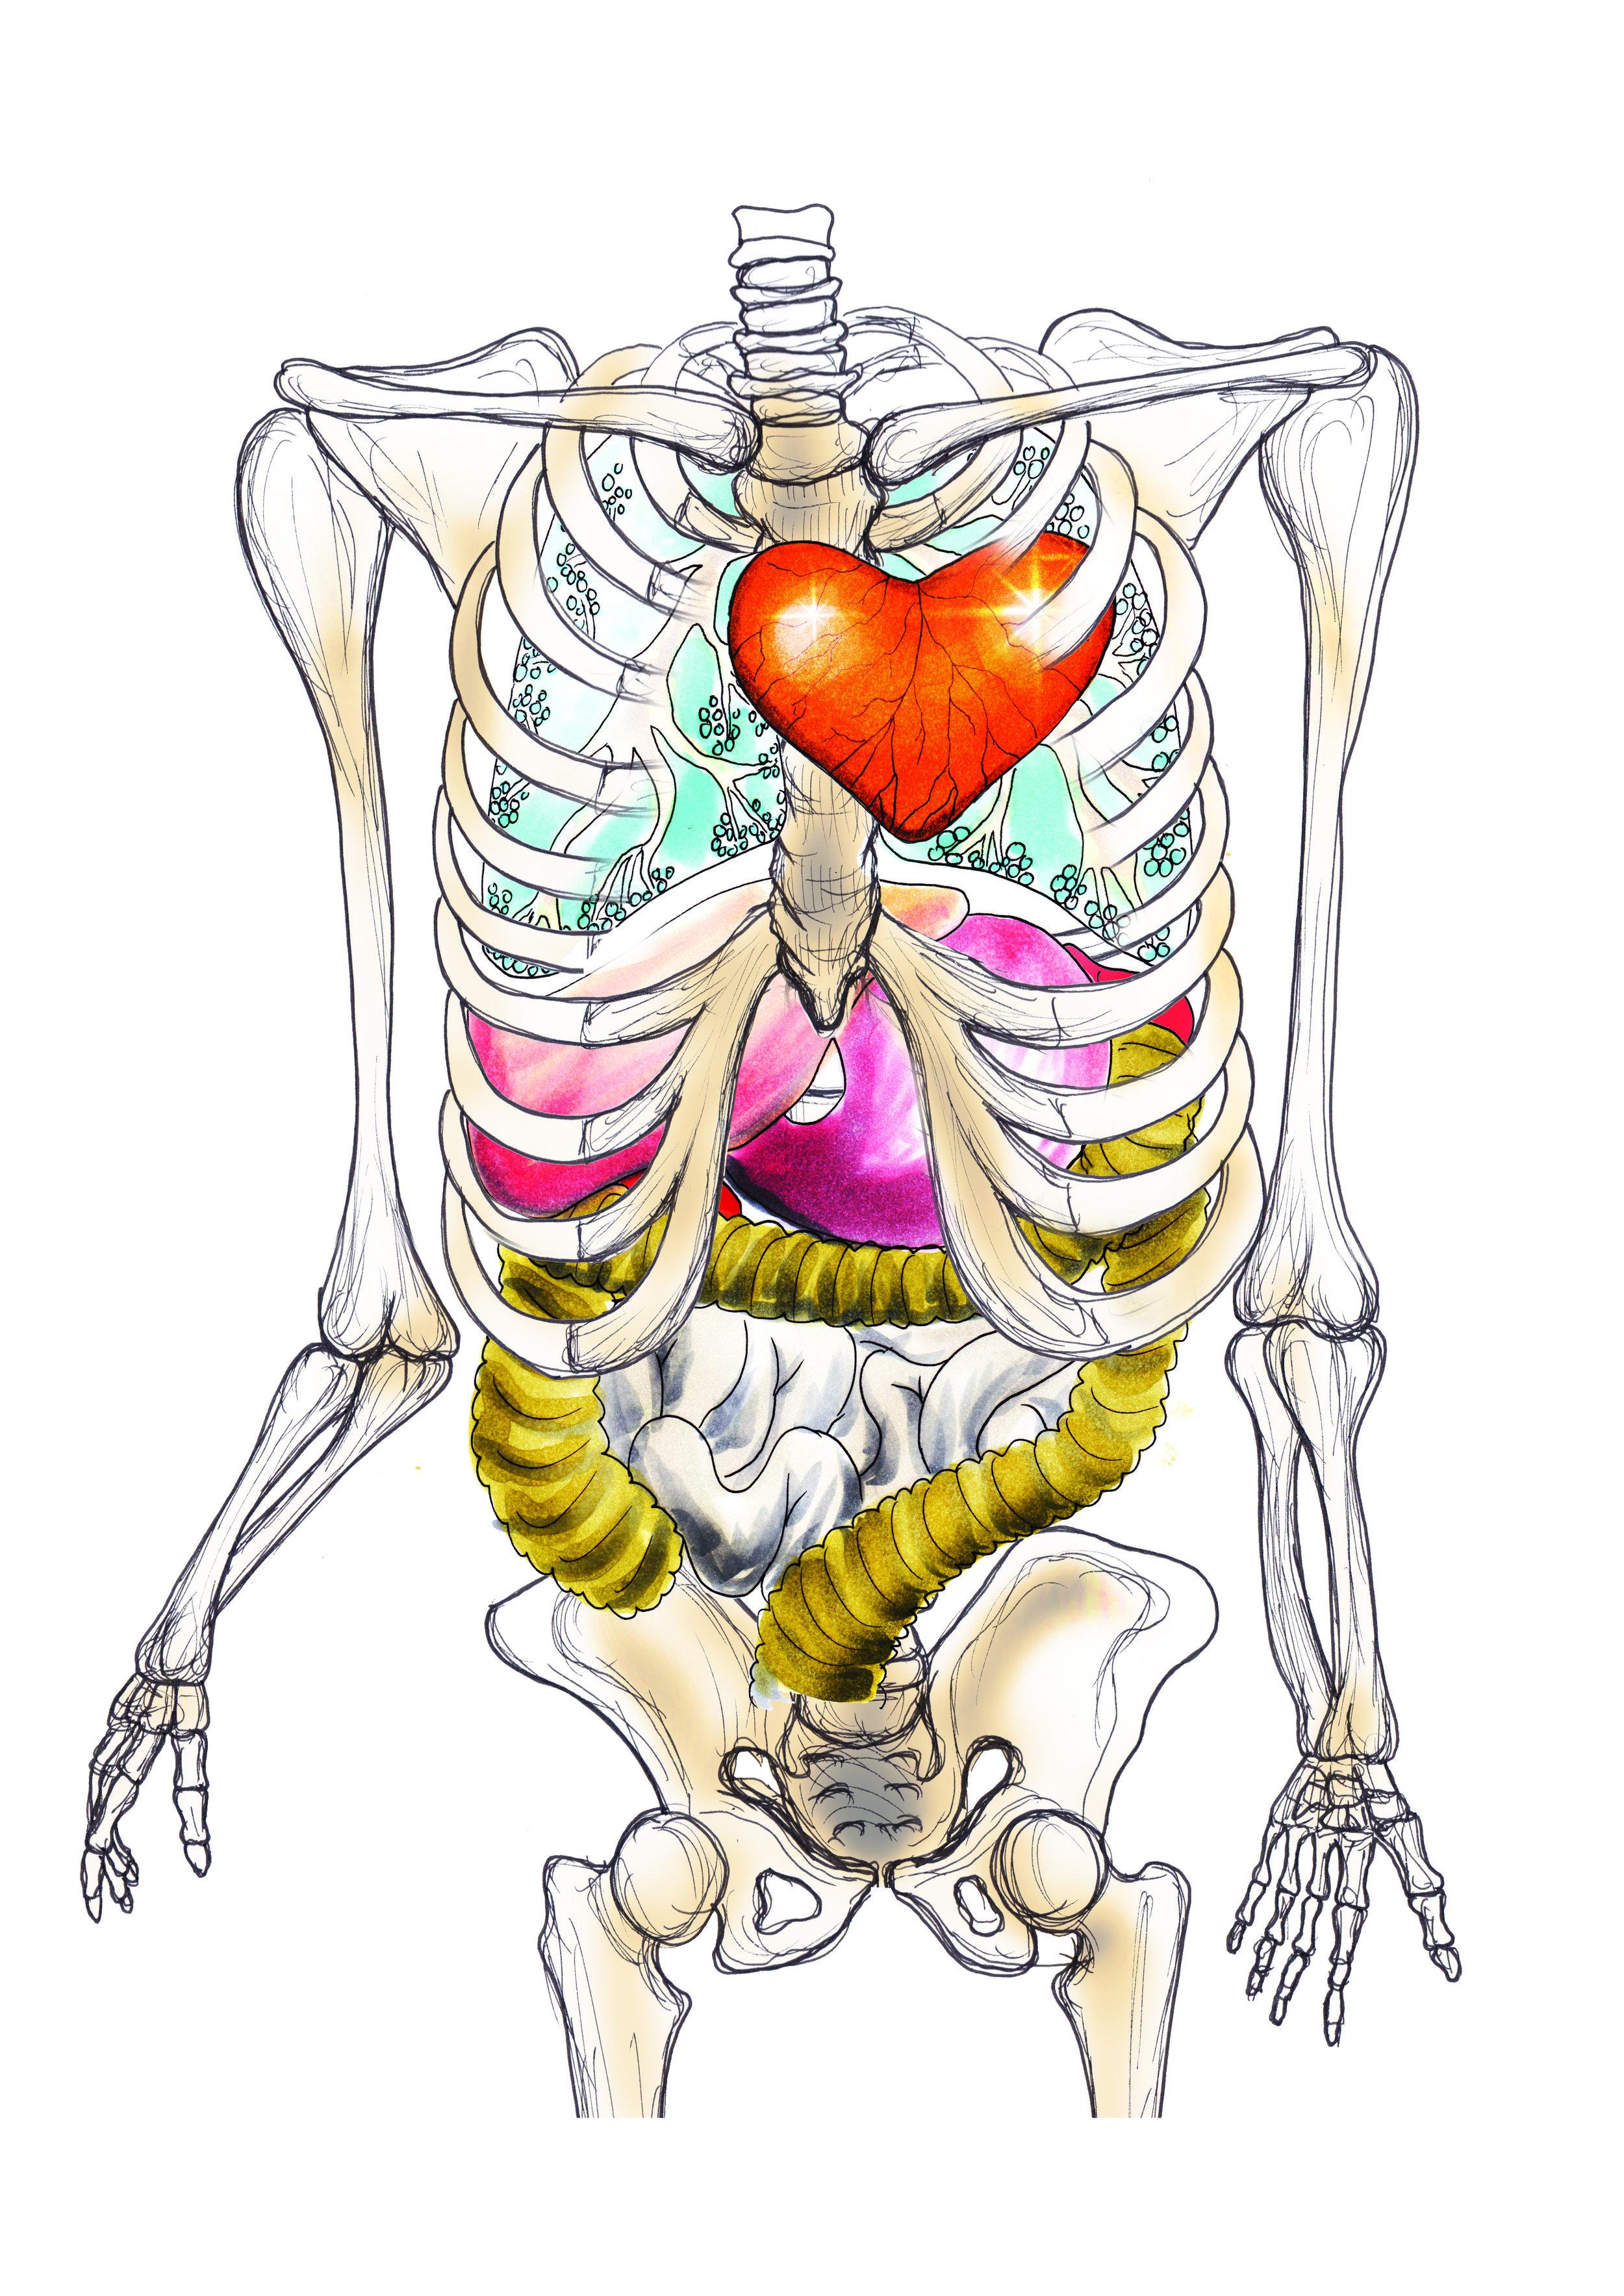 organer og hjerte av gull.jpg